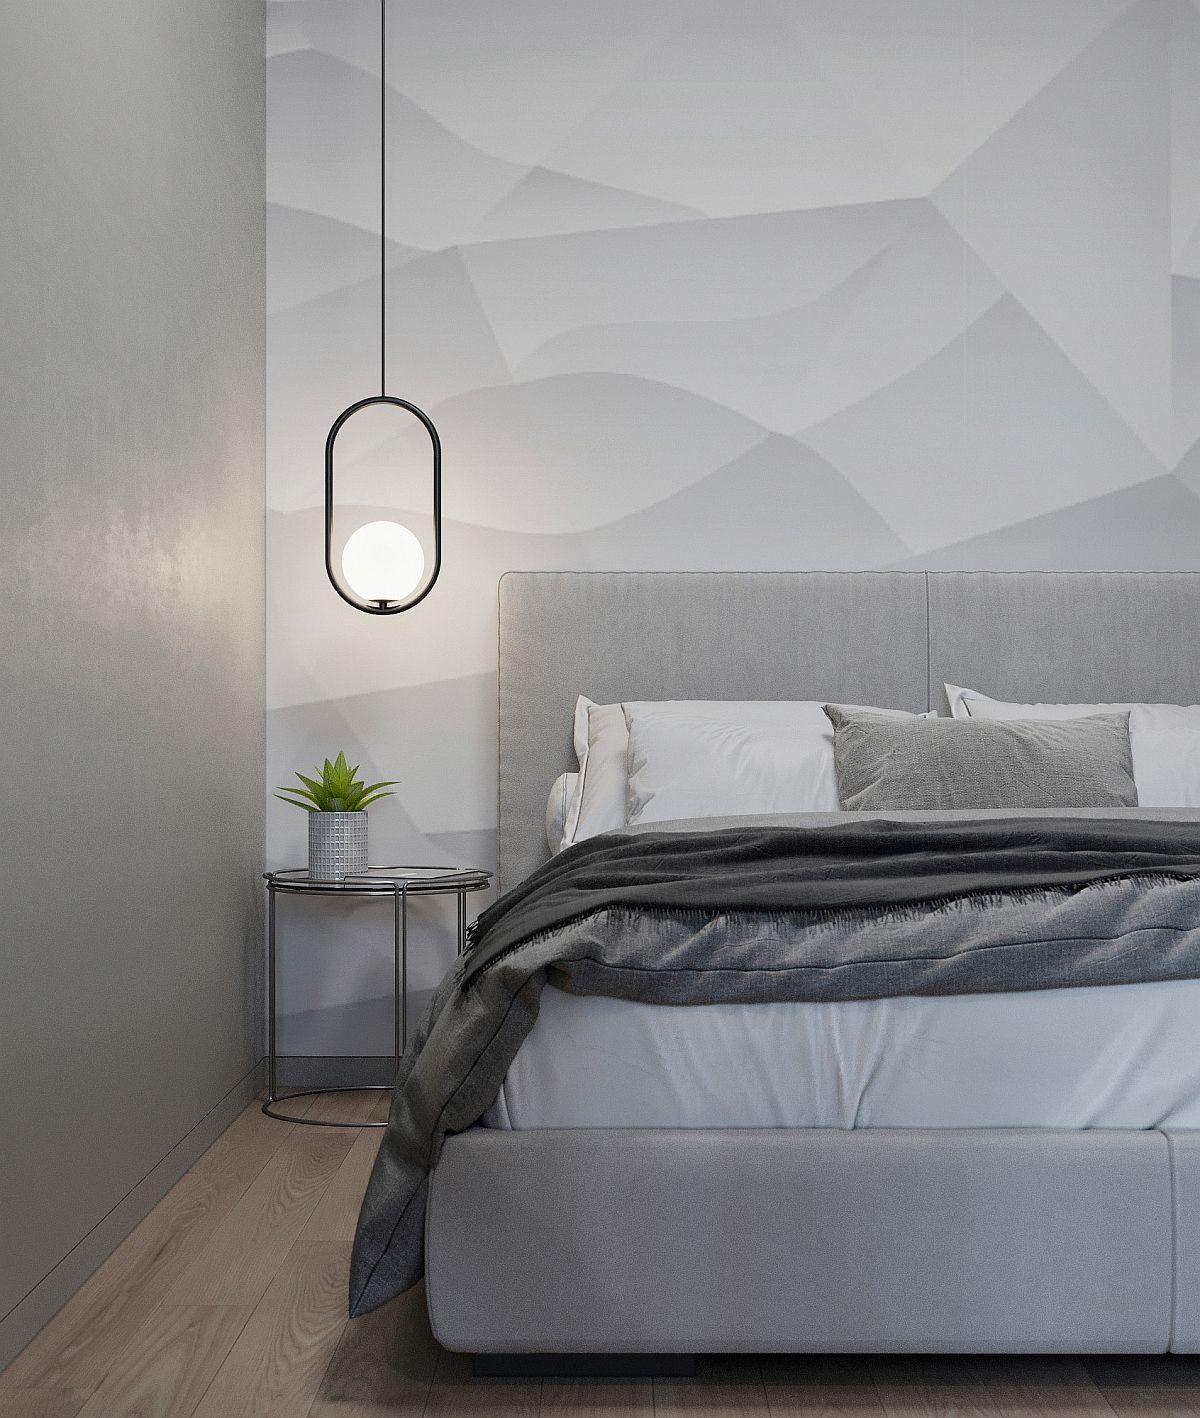 Phòng ngủ được đánh bóng với màu xám với phong cách công nghiệp đương đại